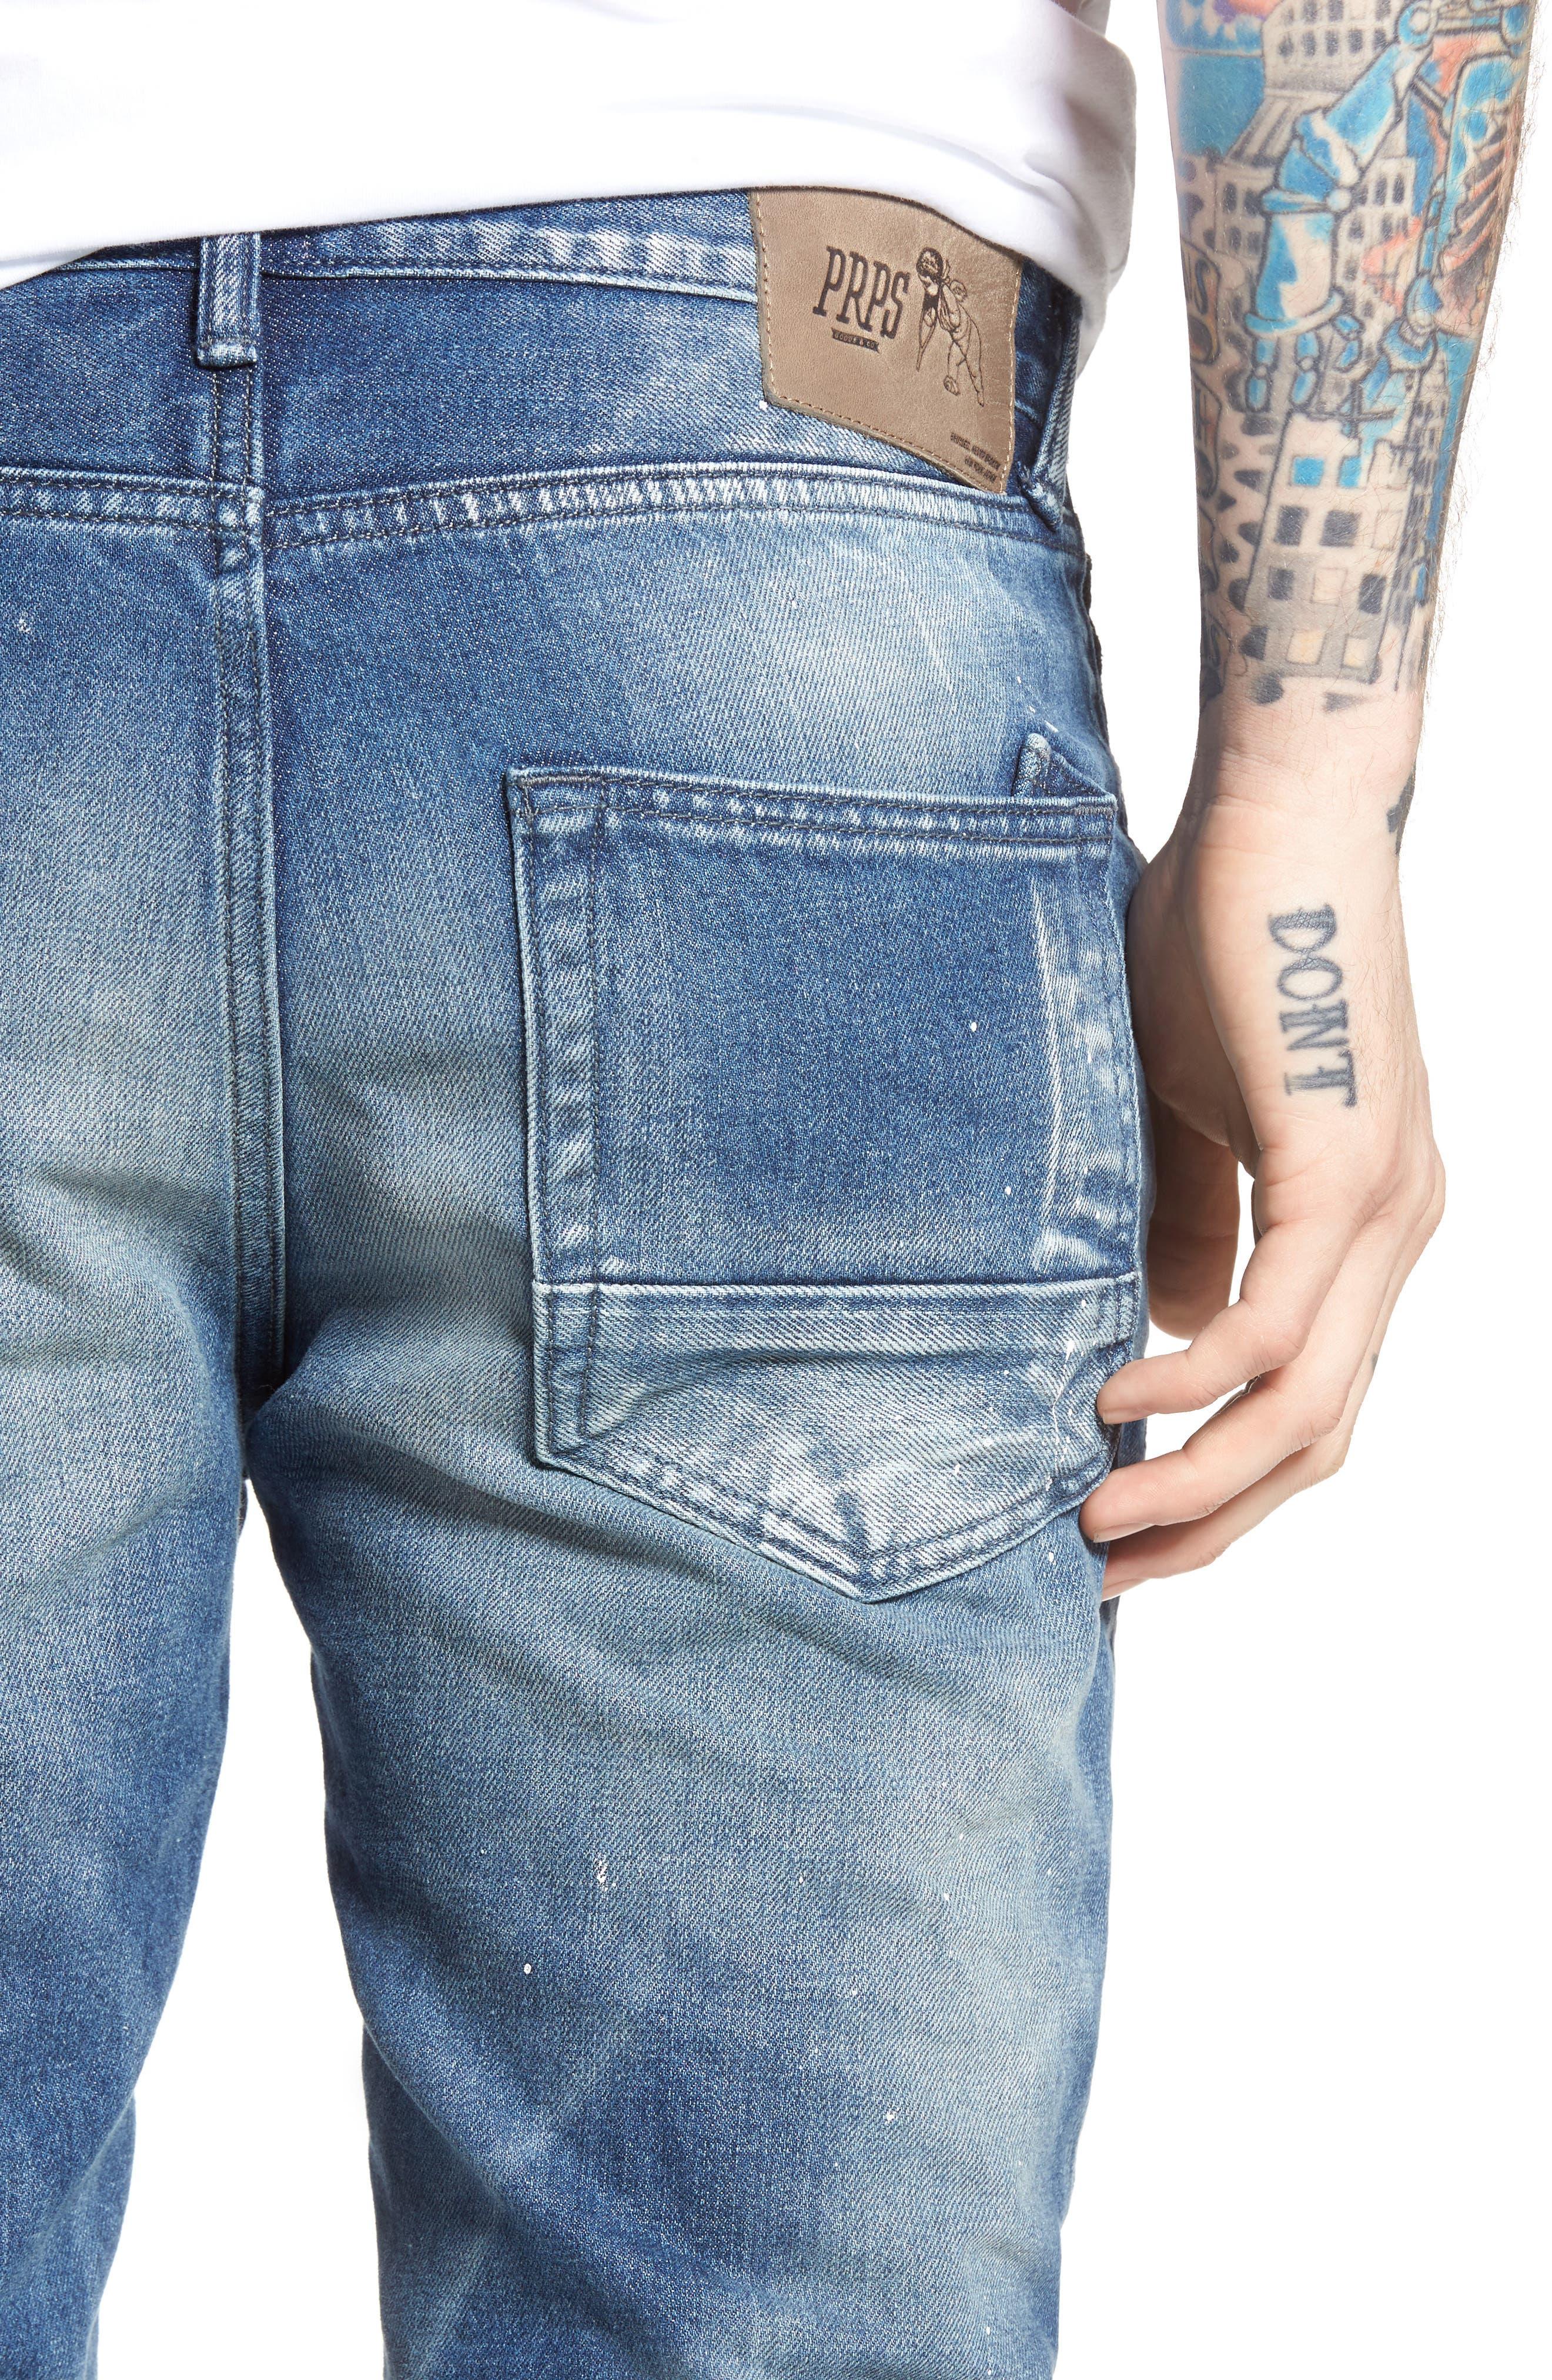 Demon Slim Straight Leg Jeans,                             Alternate thumbnail 4, color,                             Mediam